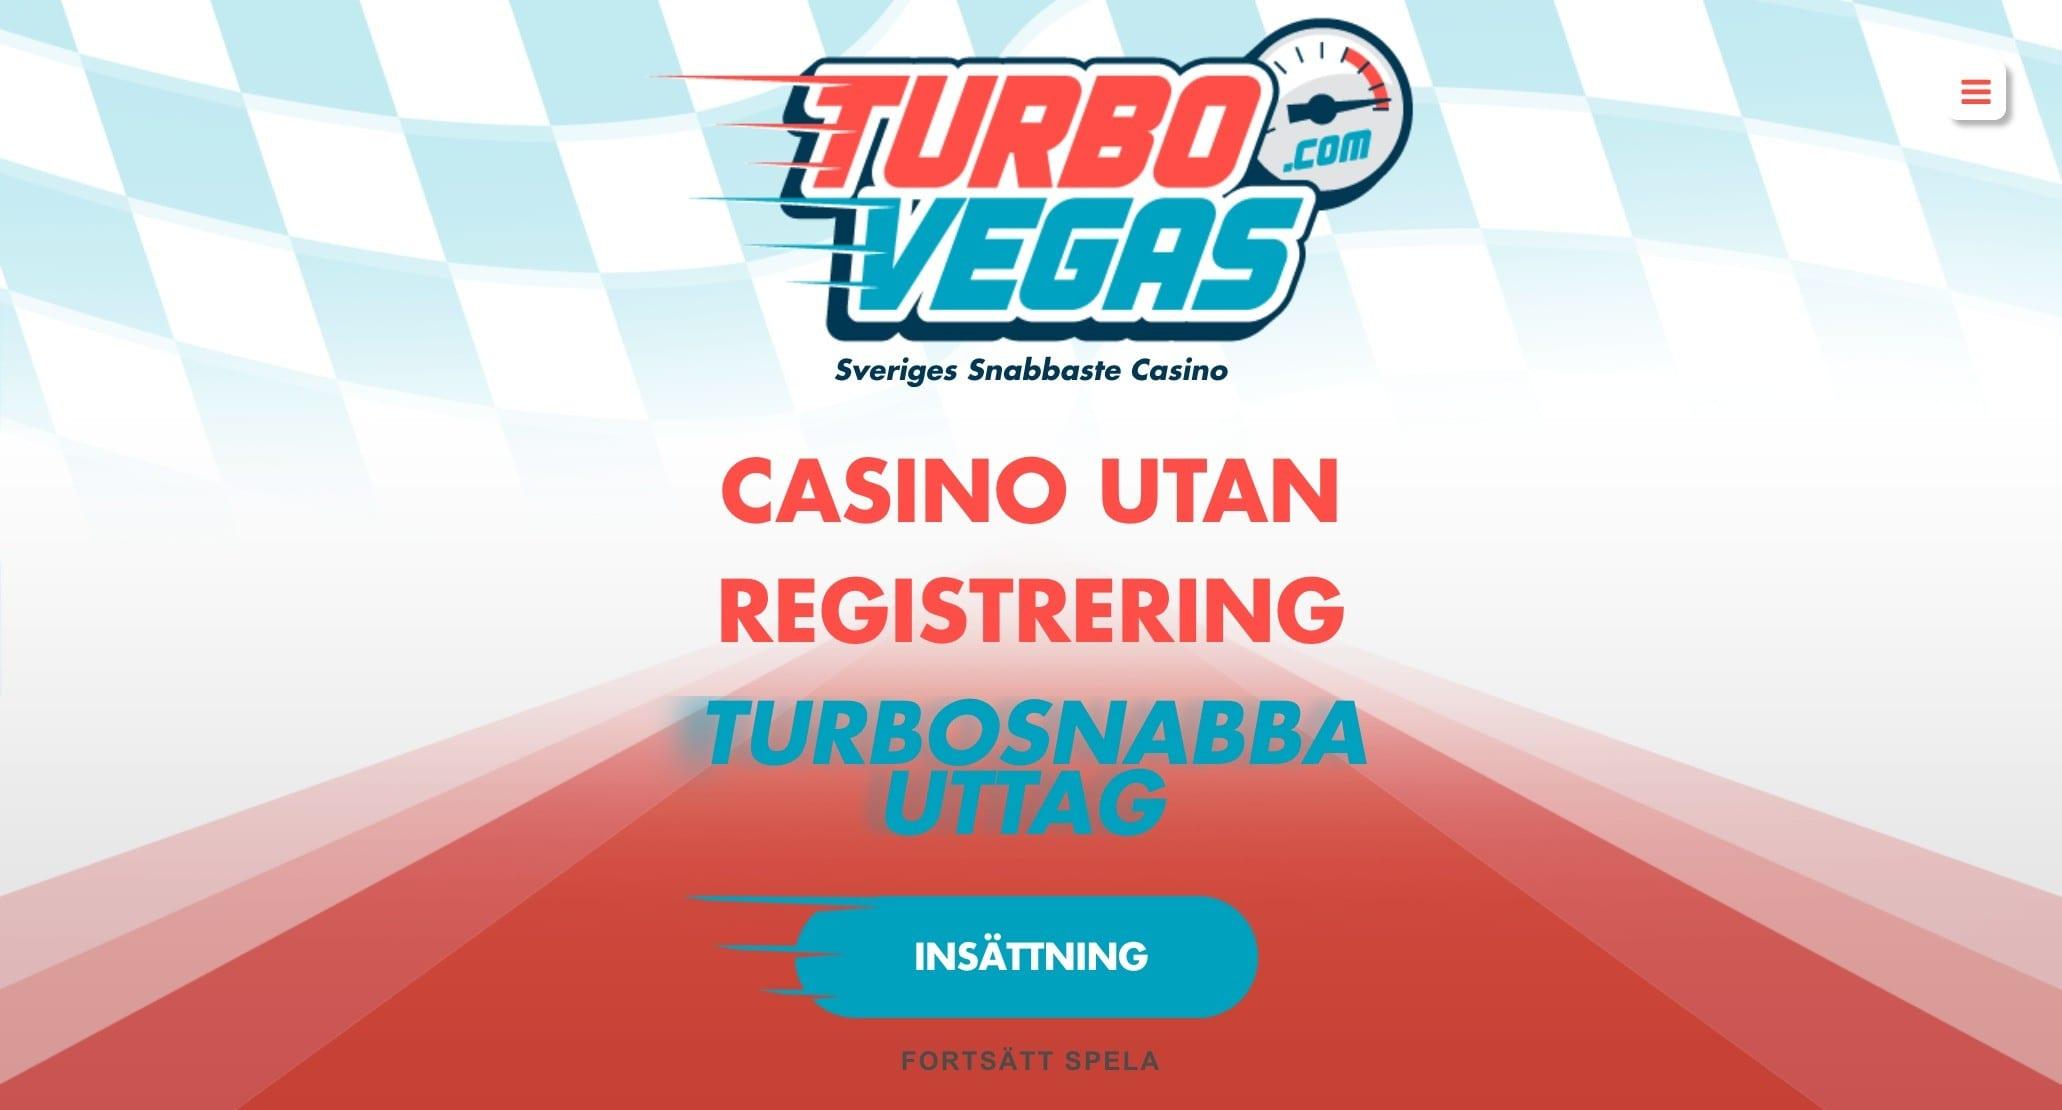 turbo vegas snabba vinster